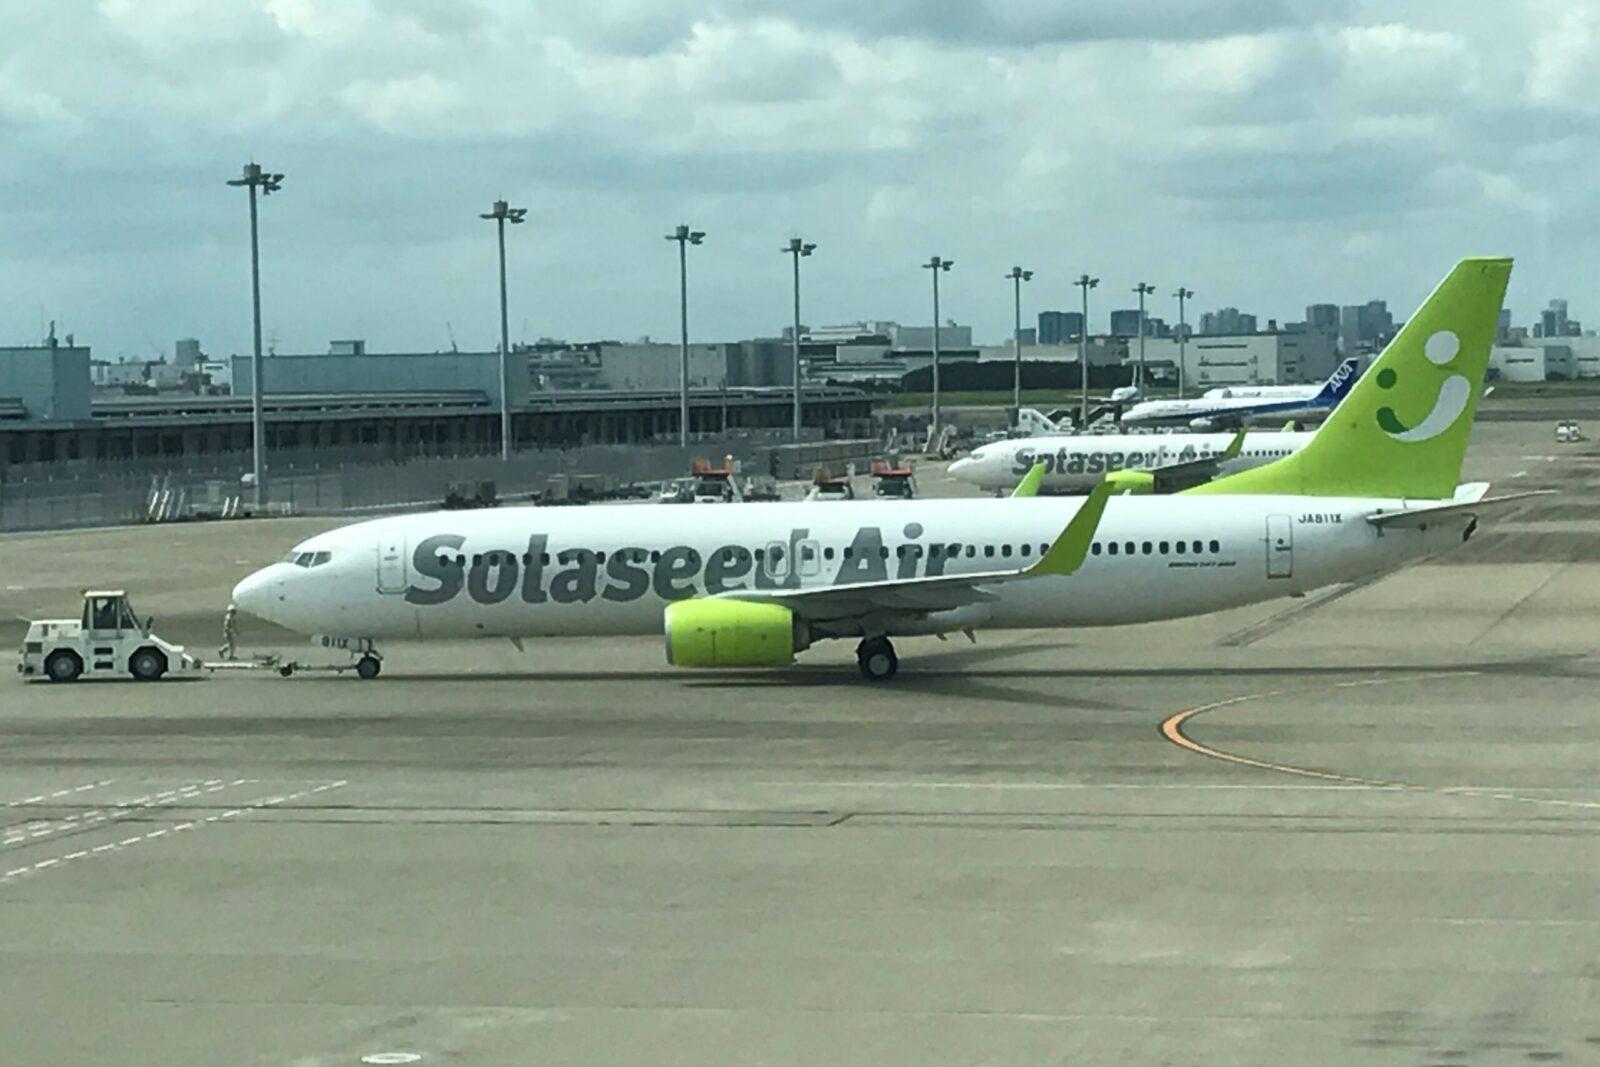 ソラシドエアの機体